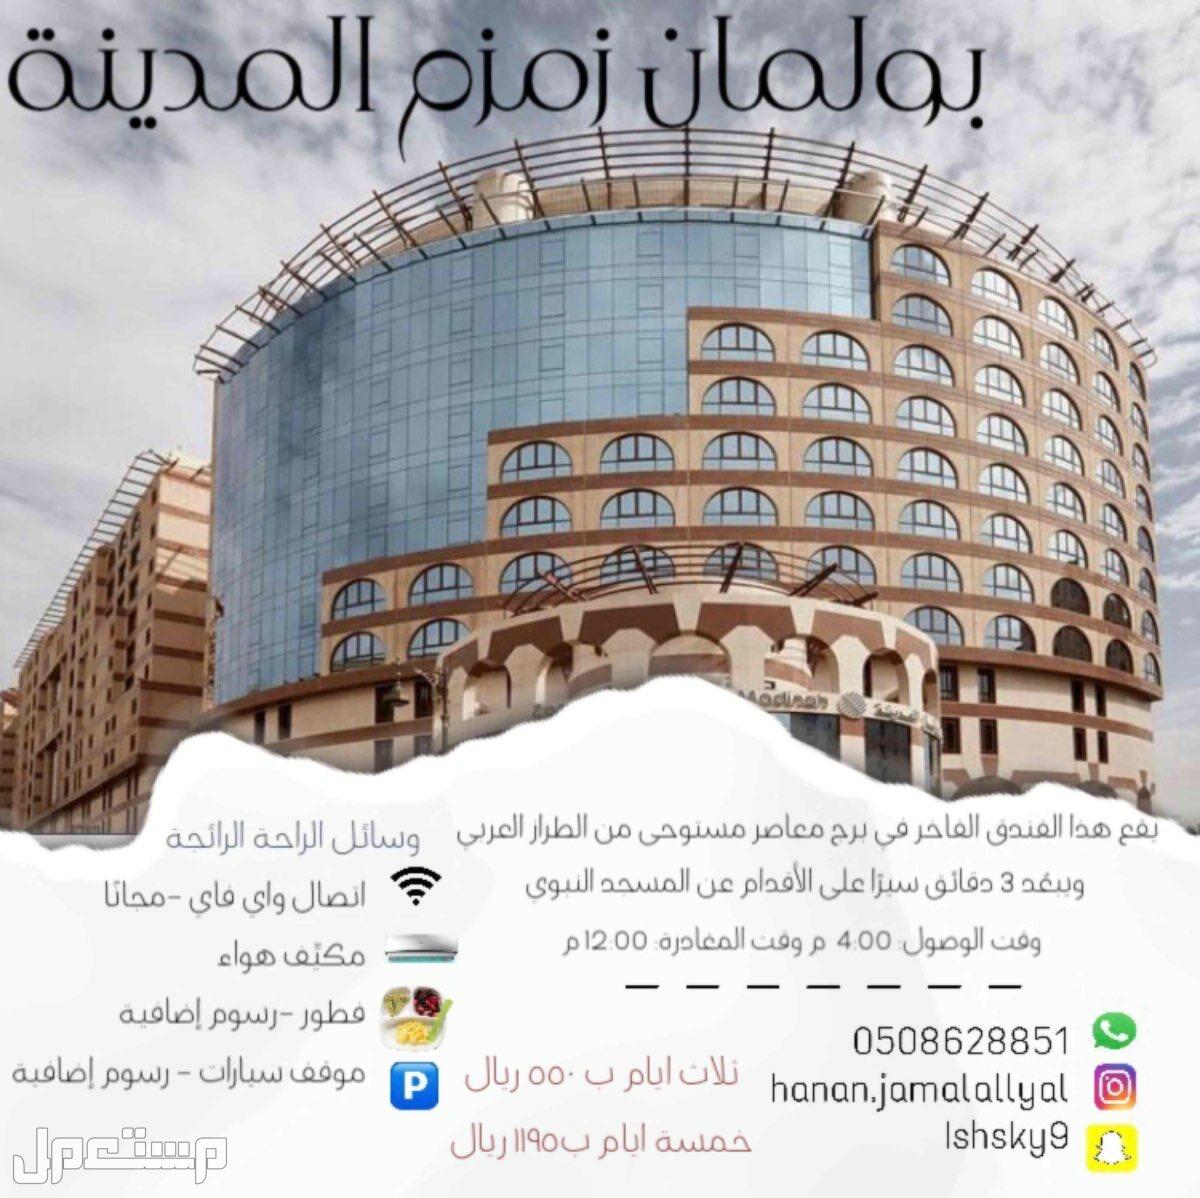 حجز فنادق ومنتجعات داخل وخارج السعوية